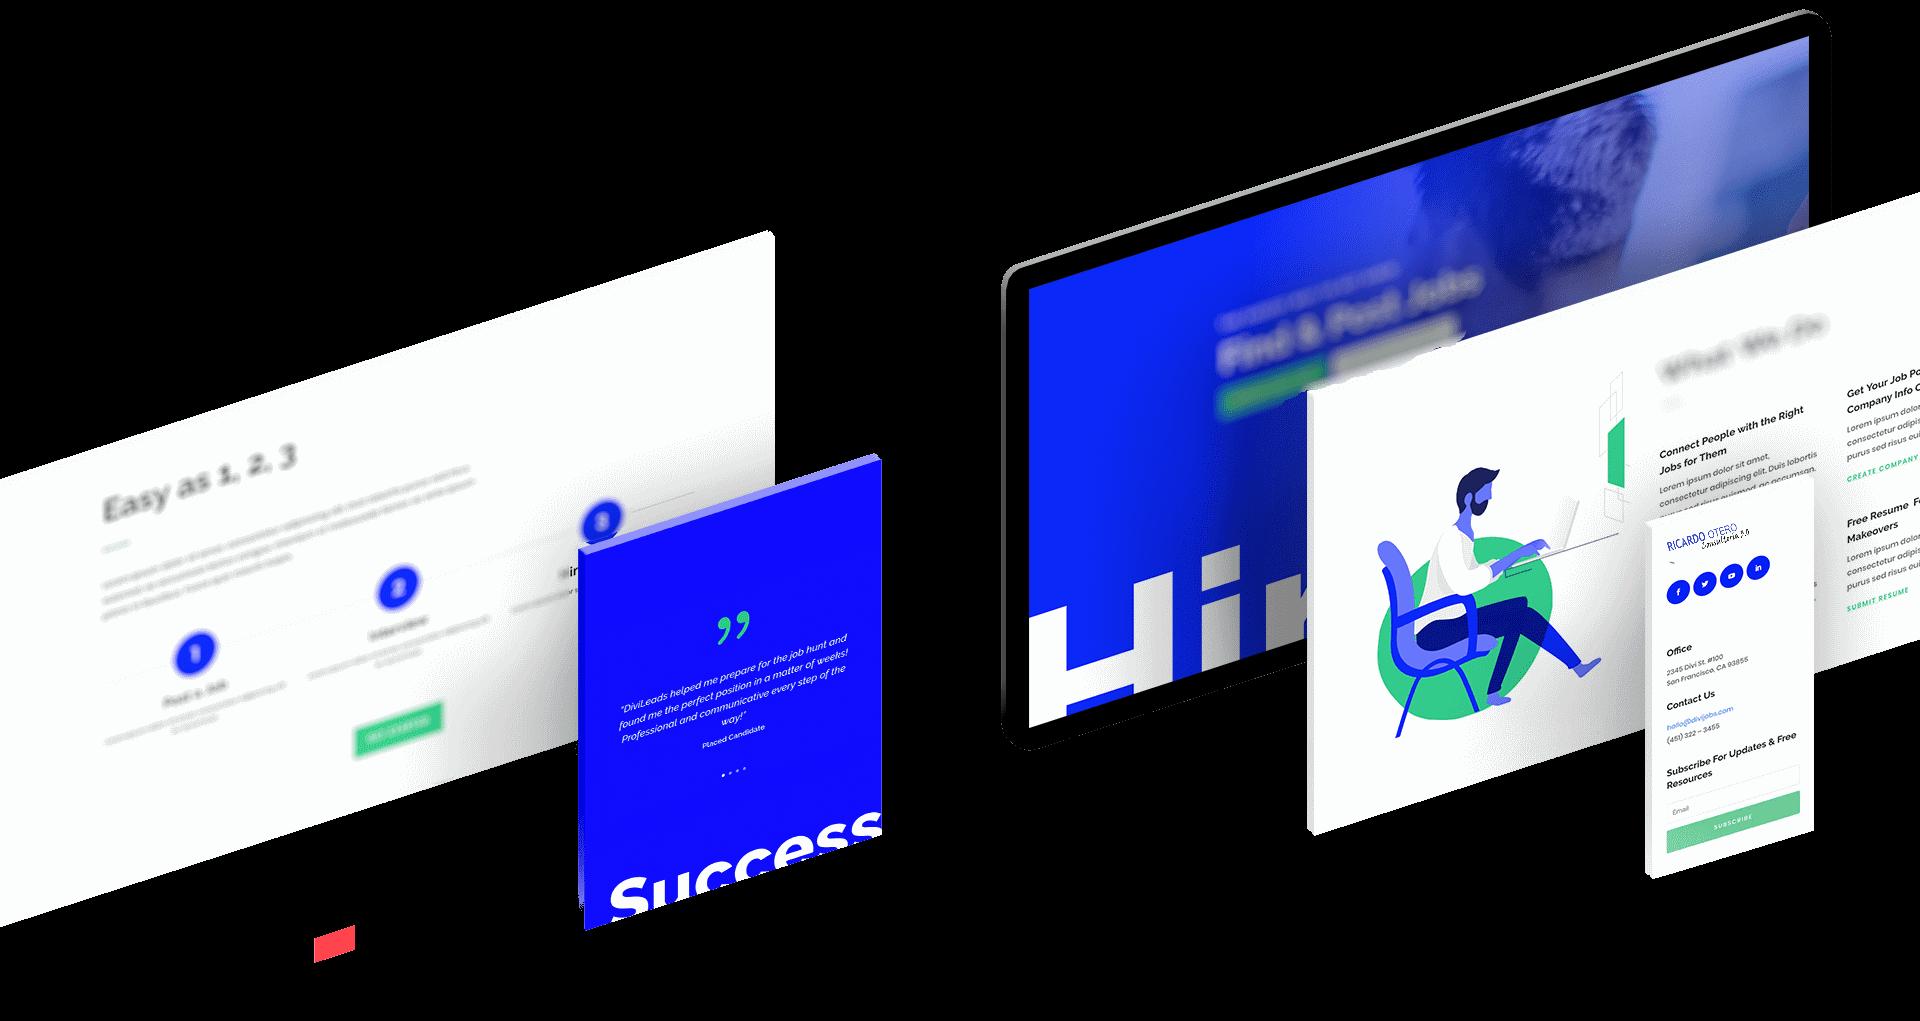 diseño web ricardo otero imagen